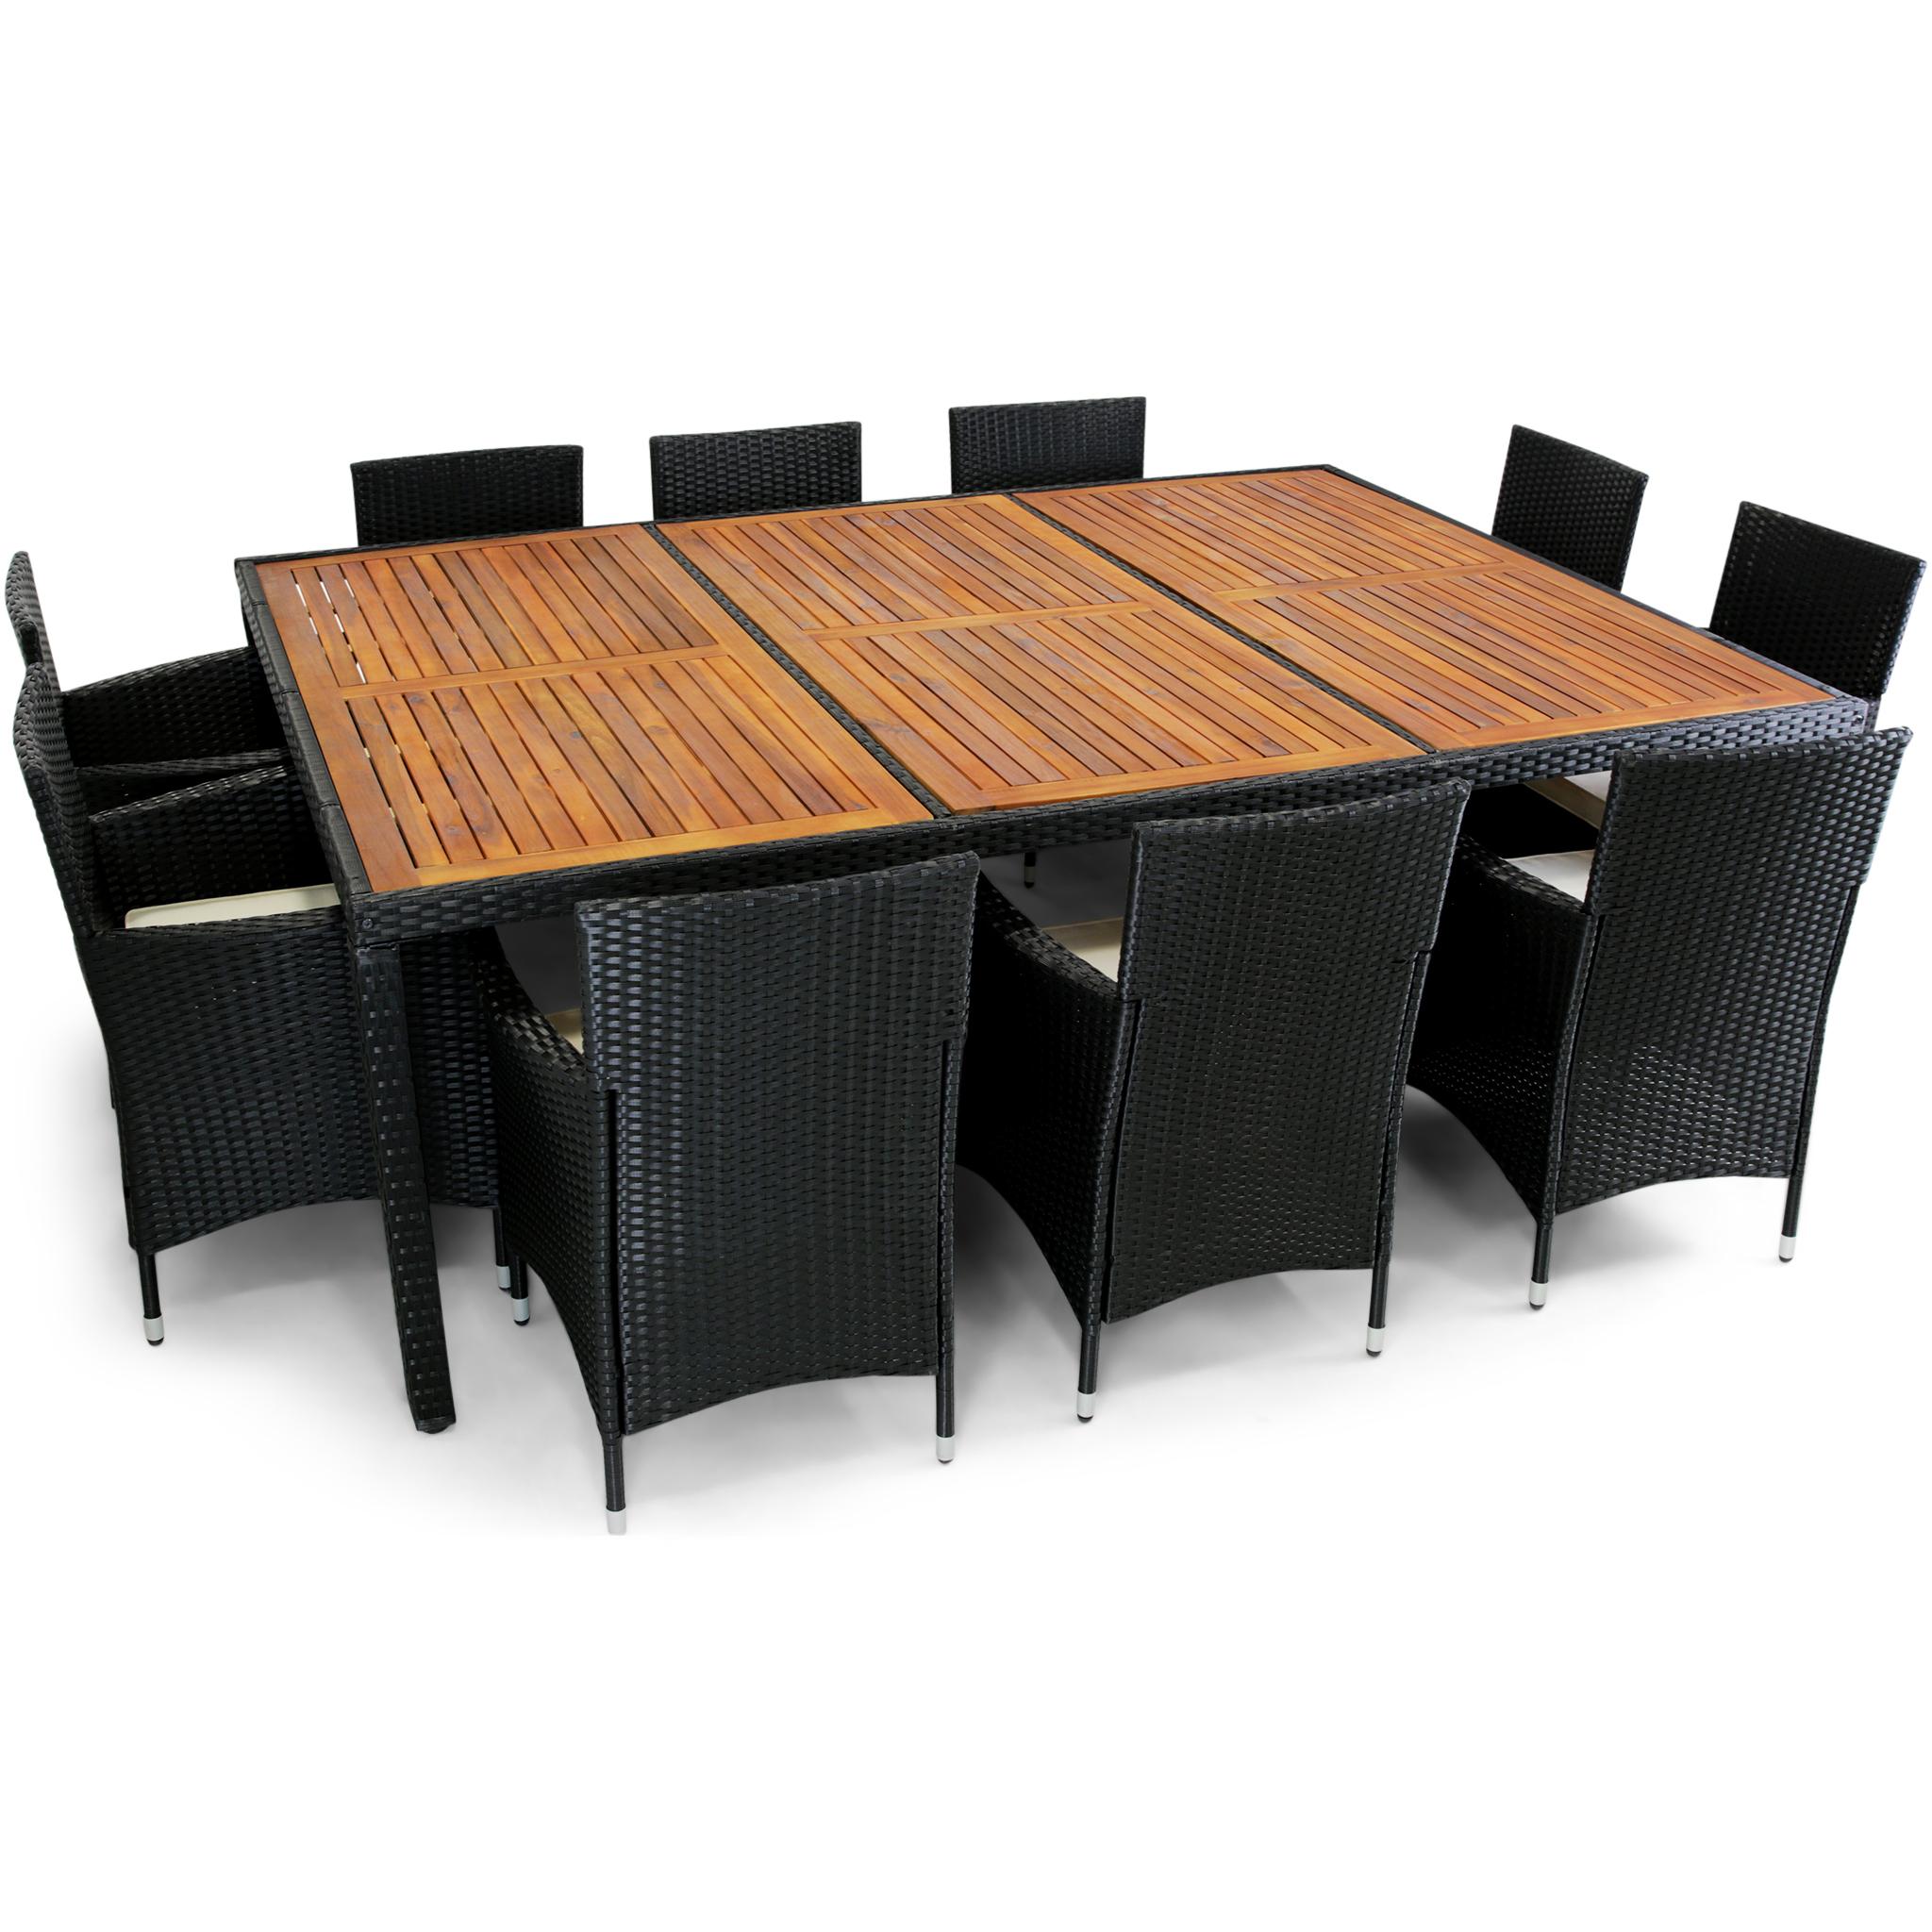 Kända Stor matgrupp 220x160cm utemöbler med 10 stolar - ursula.se FR-99